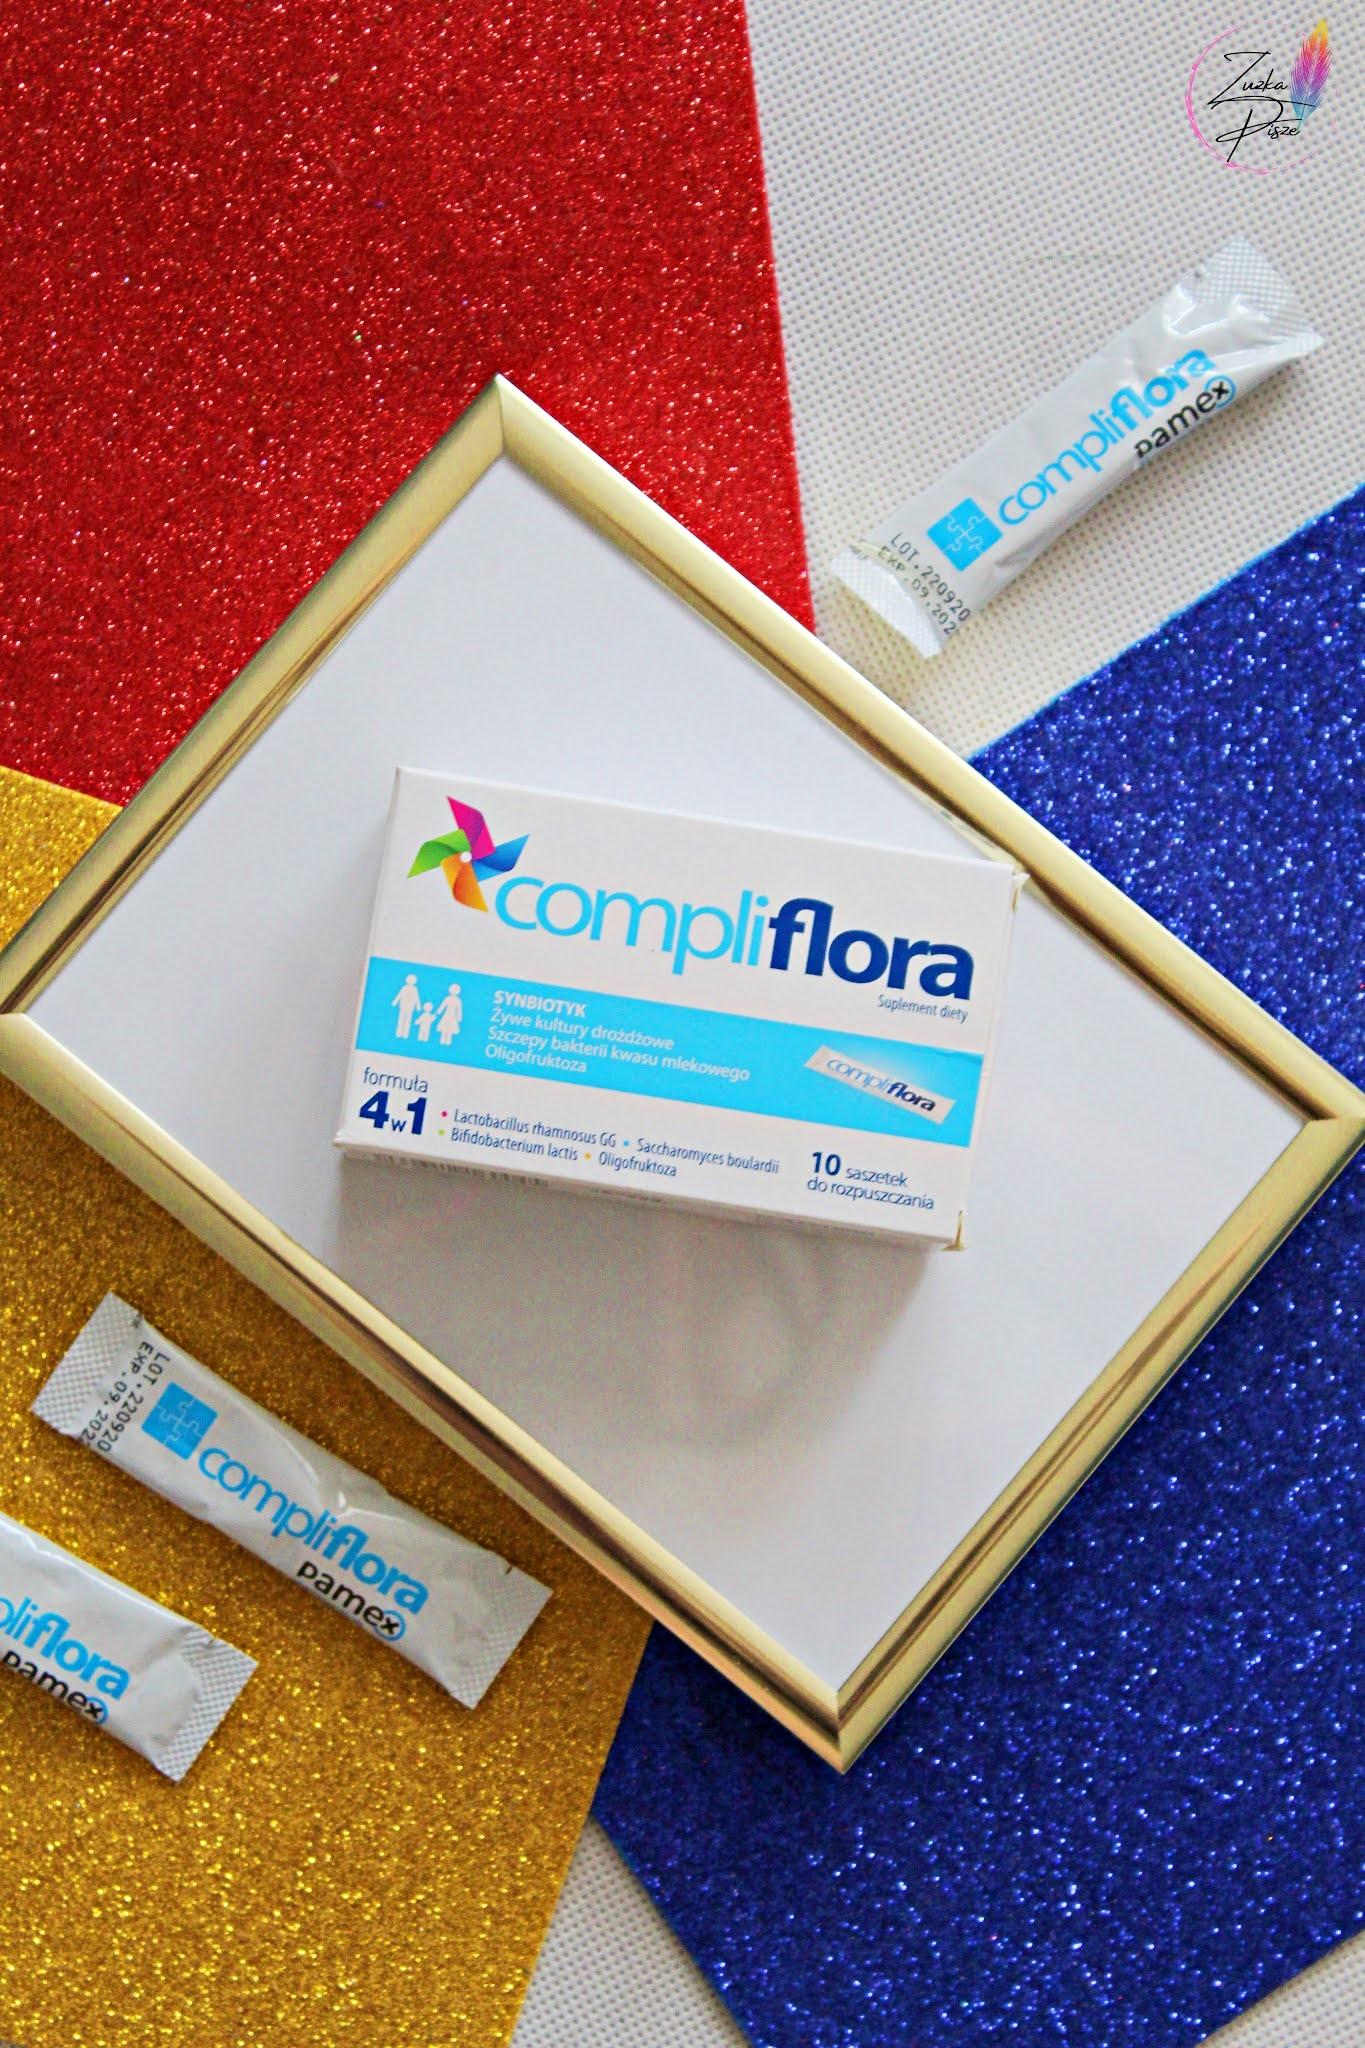 Compliflora - synbiotyk przeznaczony dla niemowląt, dzieci i osób dorosłych